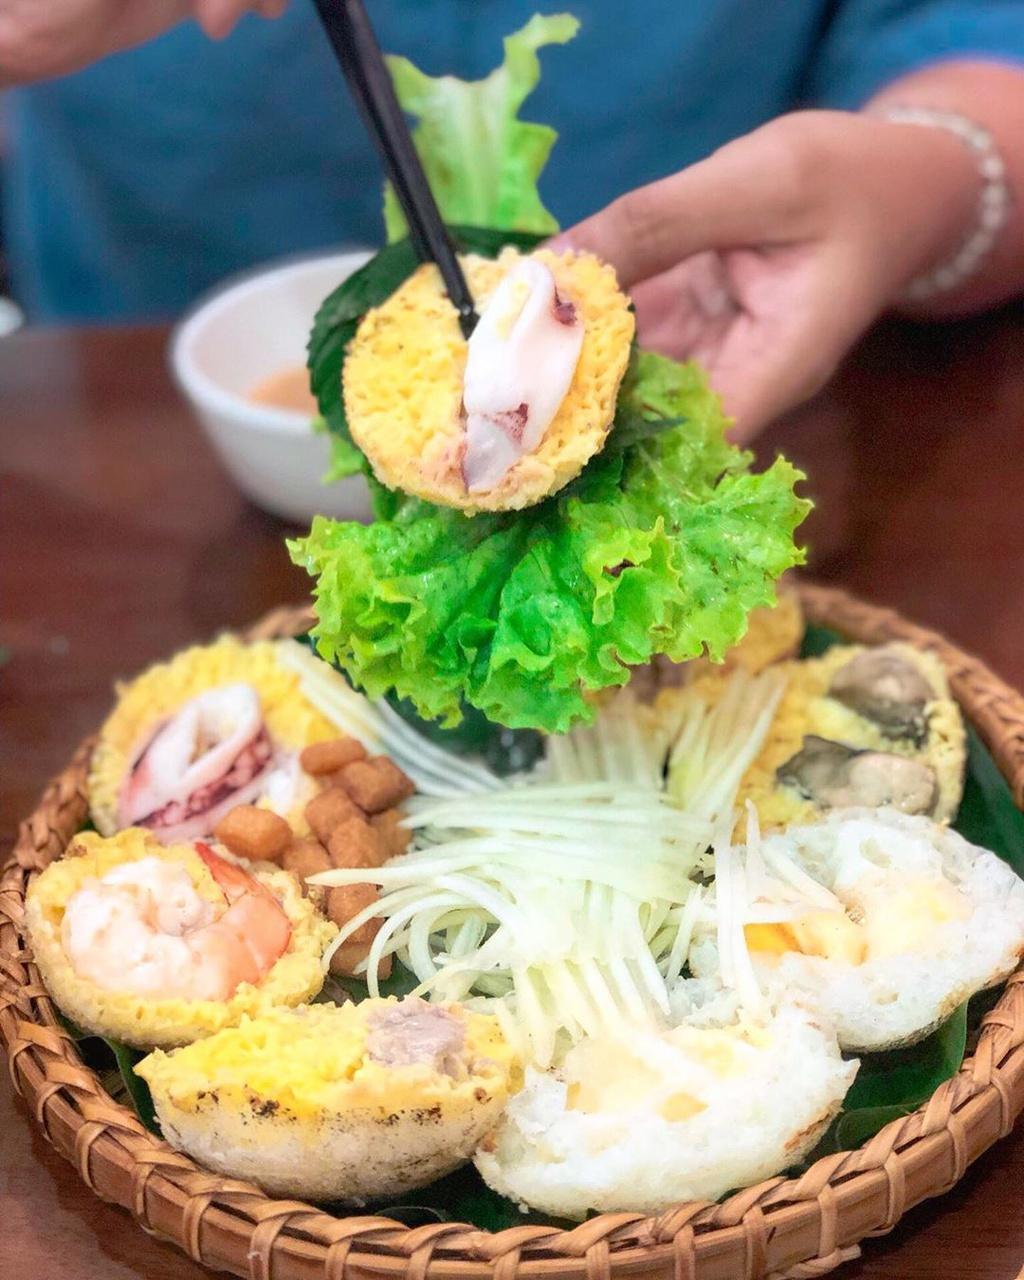 Banh xeo va 5 mon an mien Trung hut khach tai TP.HCM hinh anh 3 6._itsannie_tran.jpg